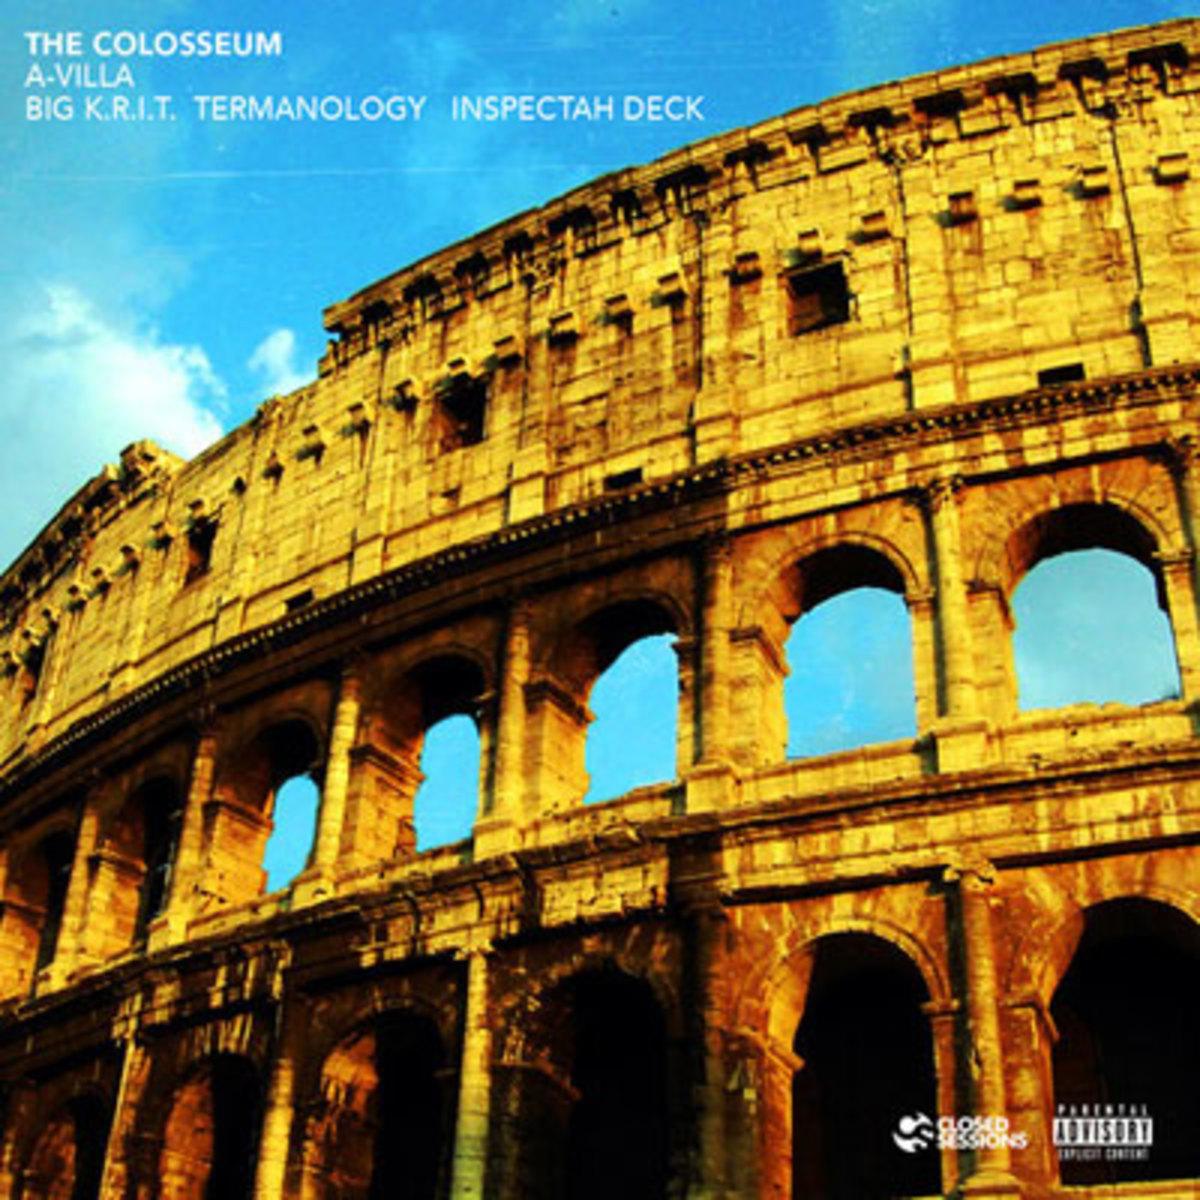 avilla-thecolosseum.jpg